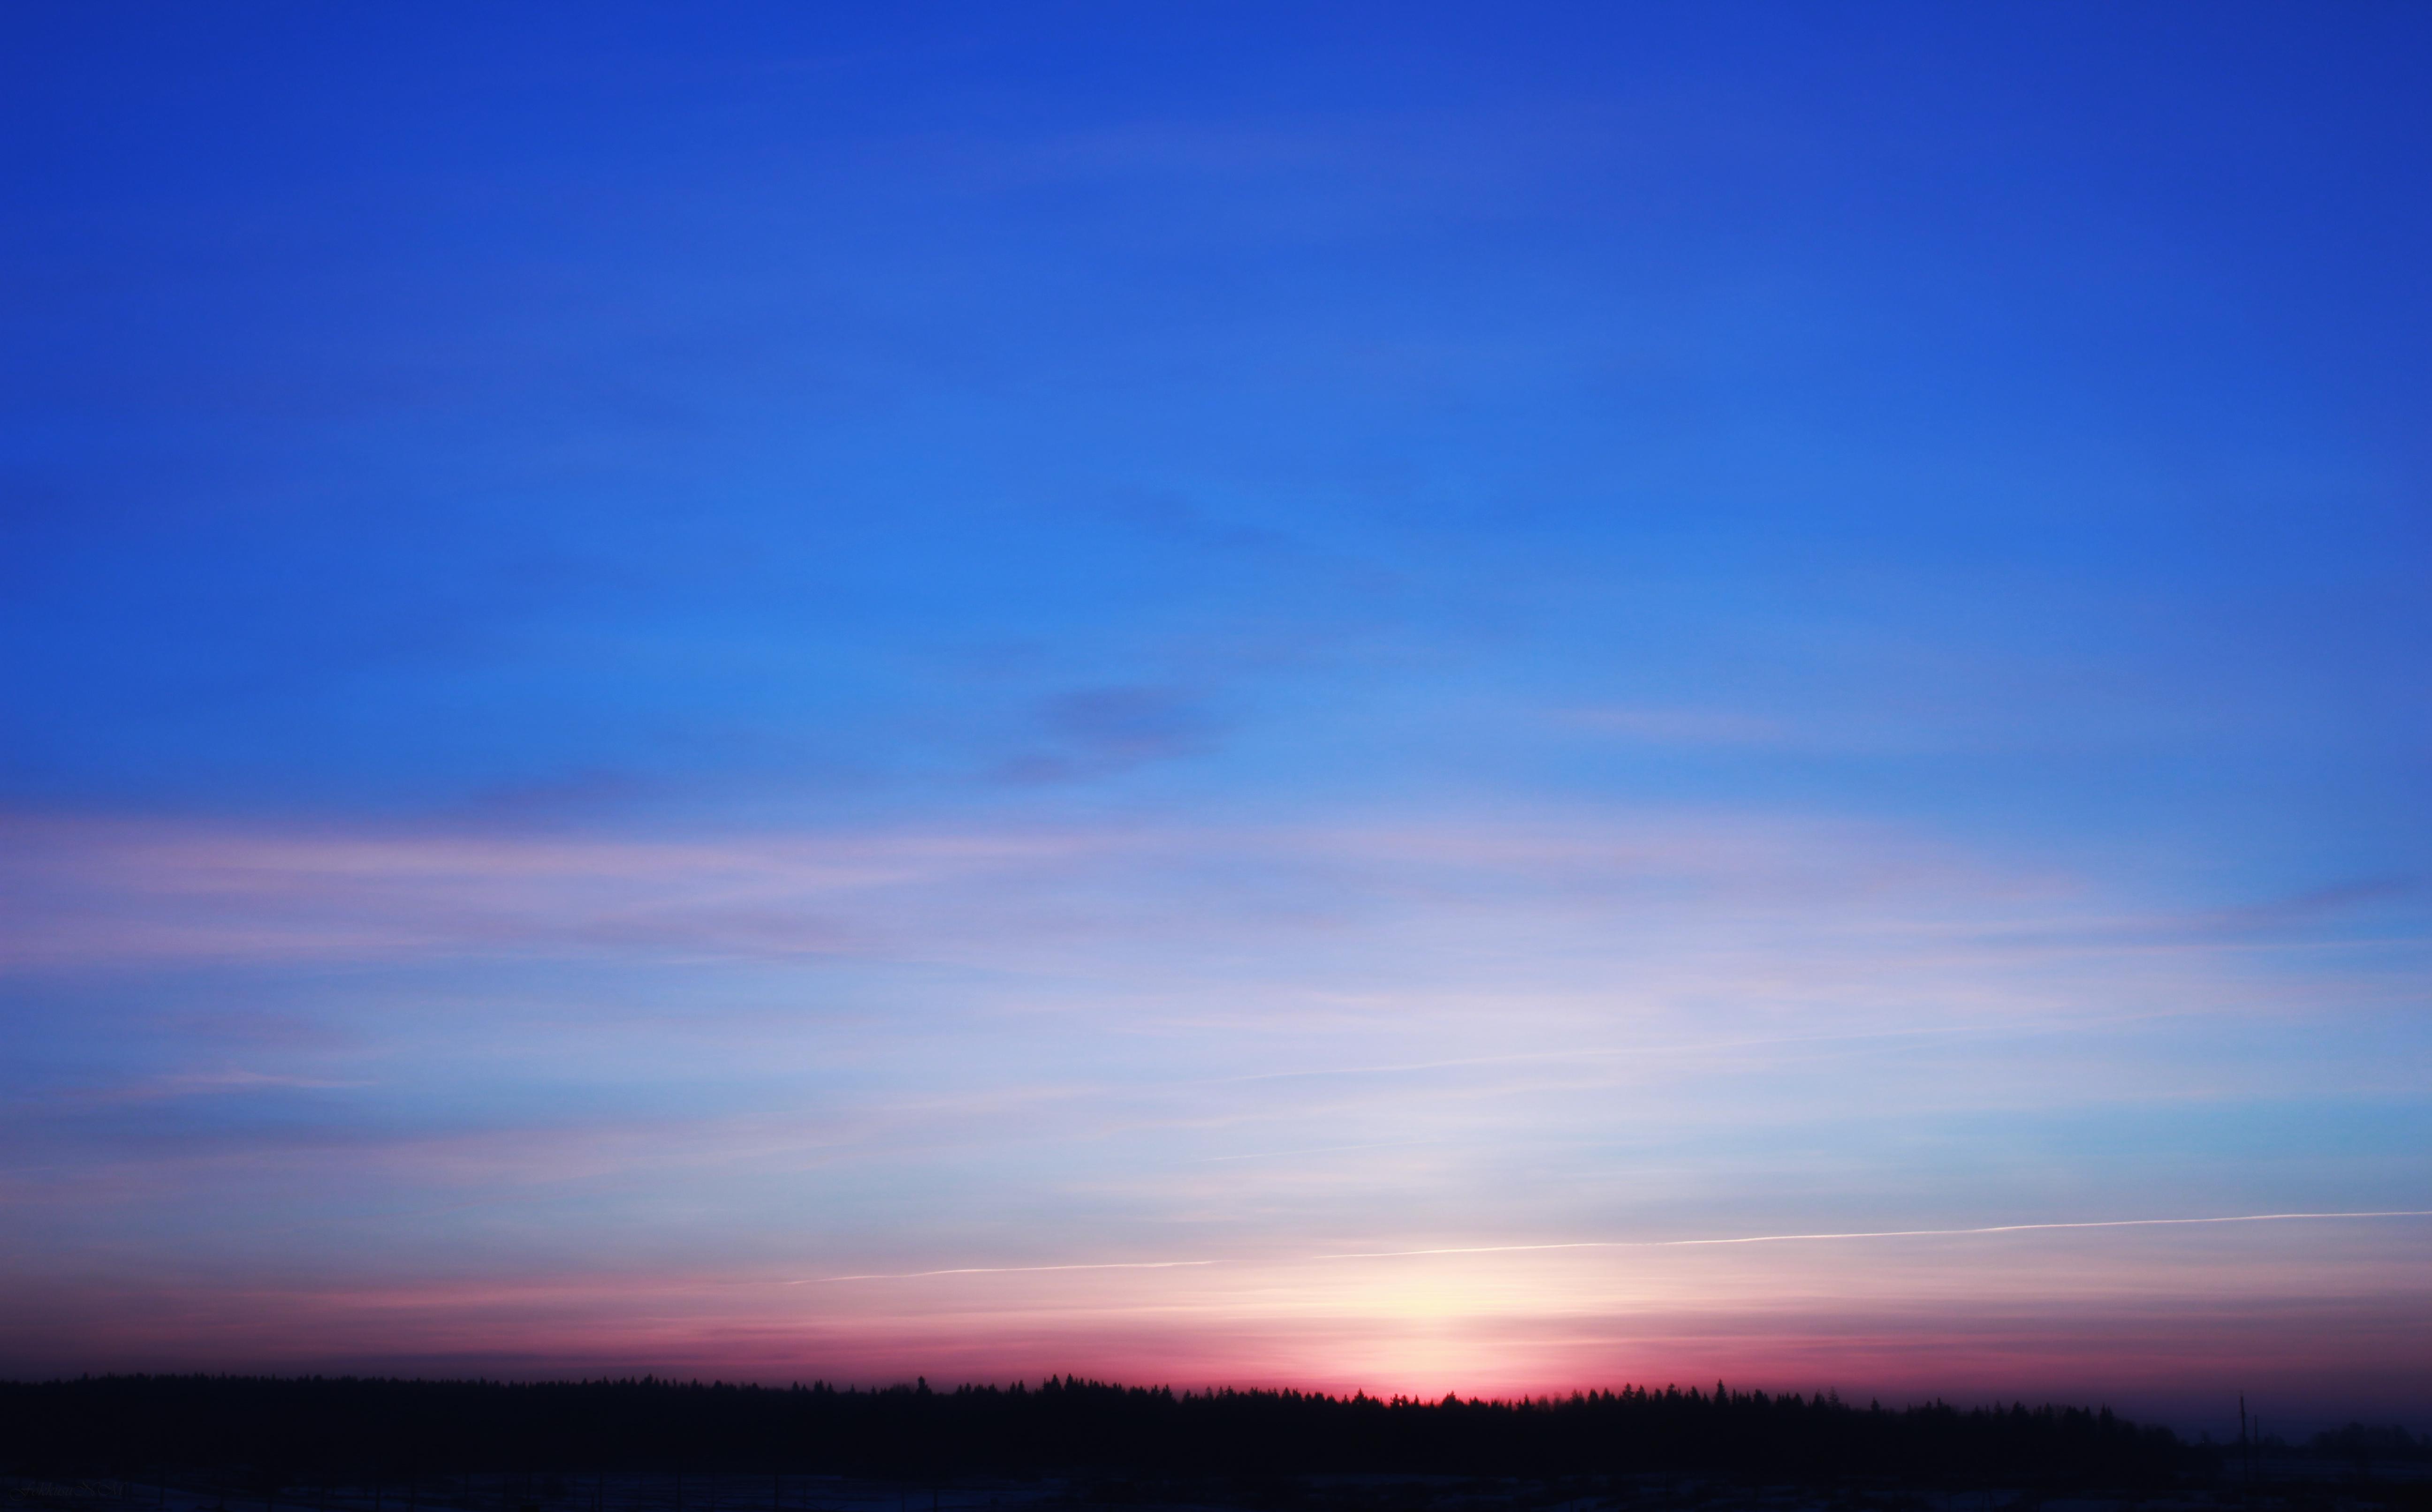 dawn of